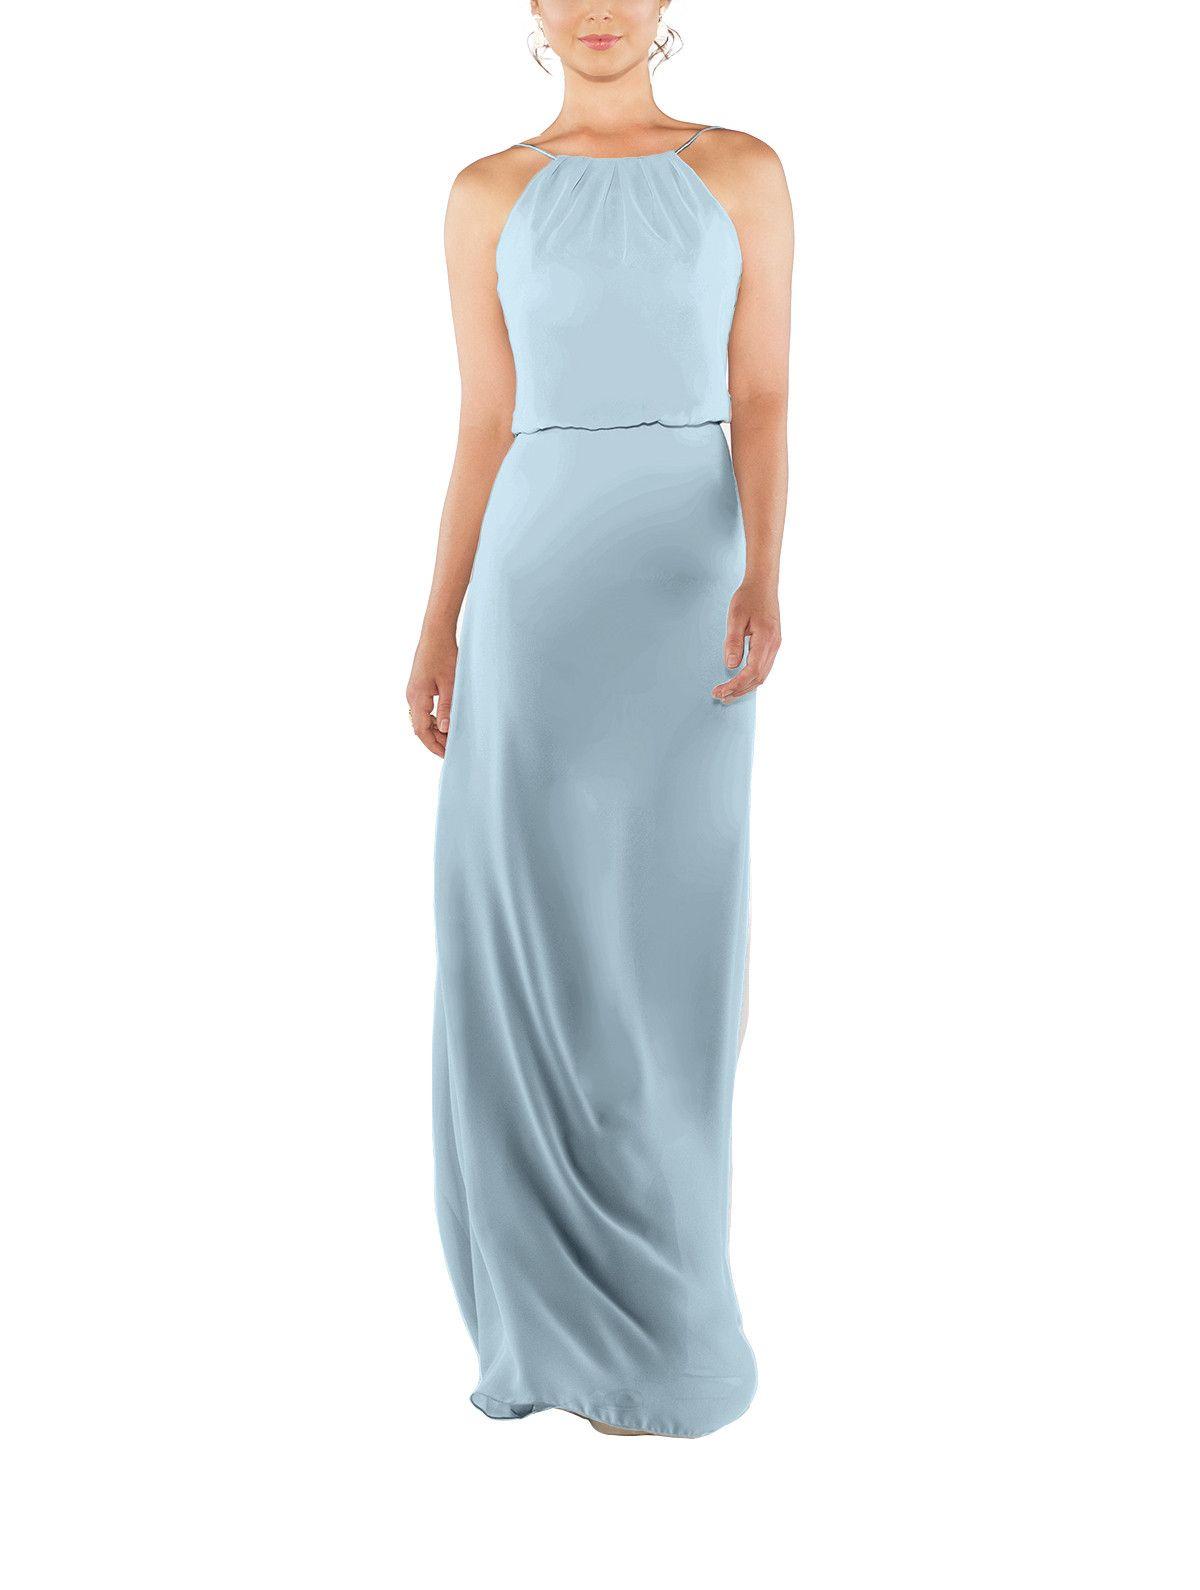 Sorella vita style delicate neckline and dress ideas